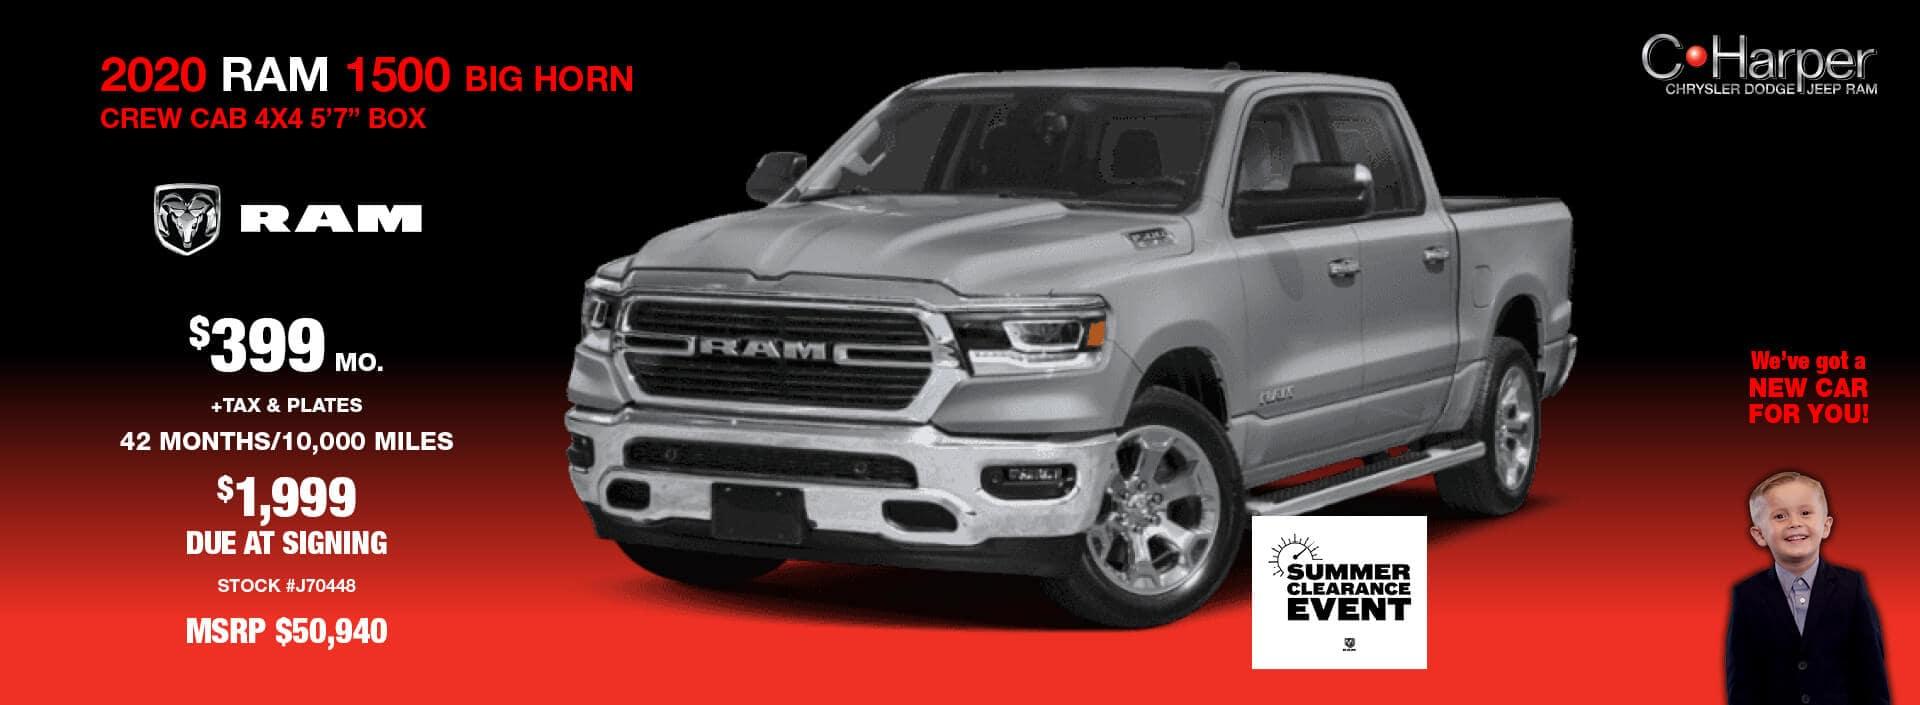 2020 Ram 1500 Big Horn Crew Dab 4x4 5'7